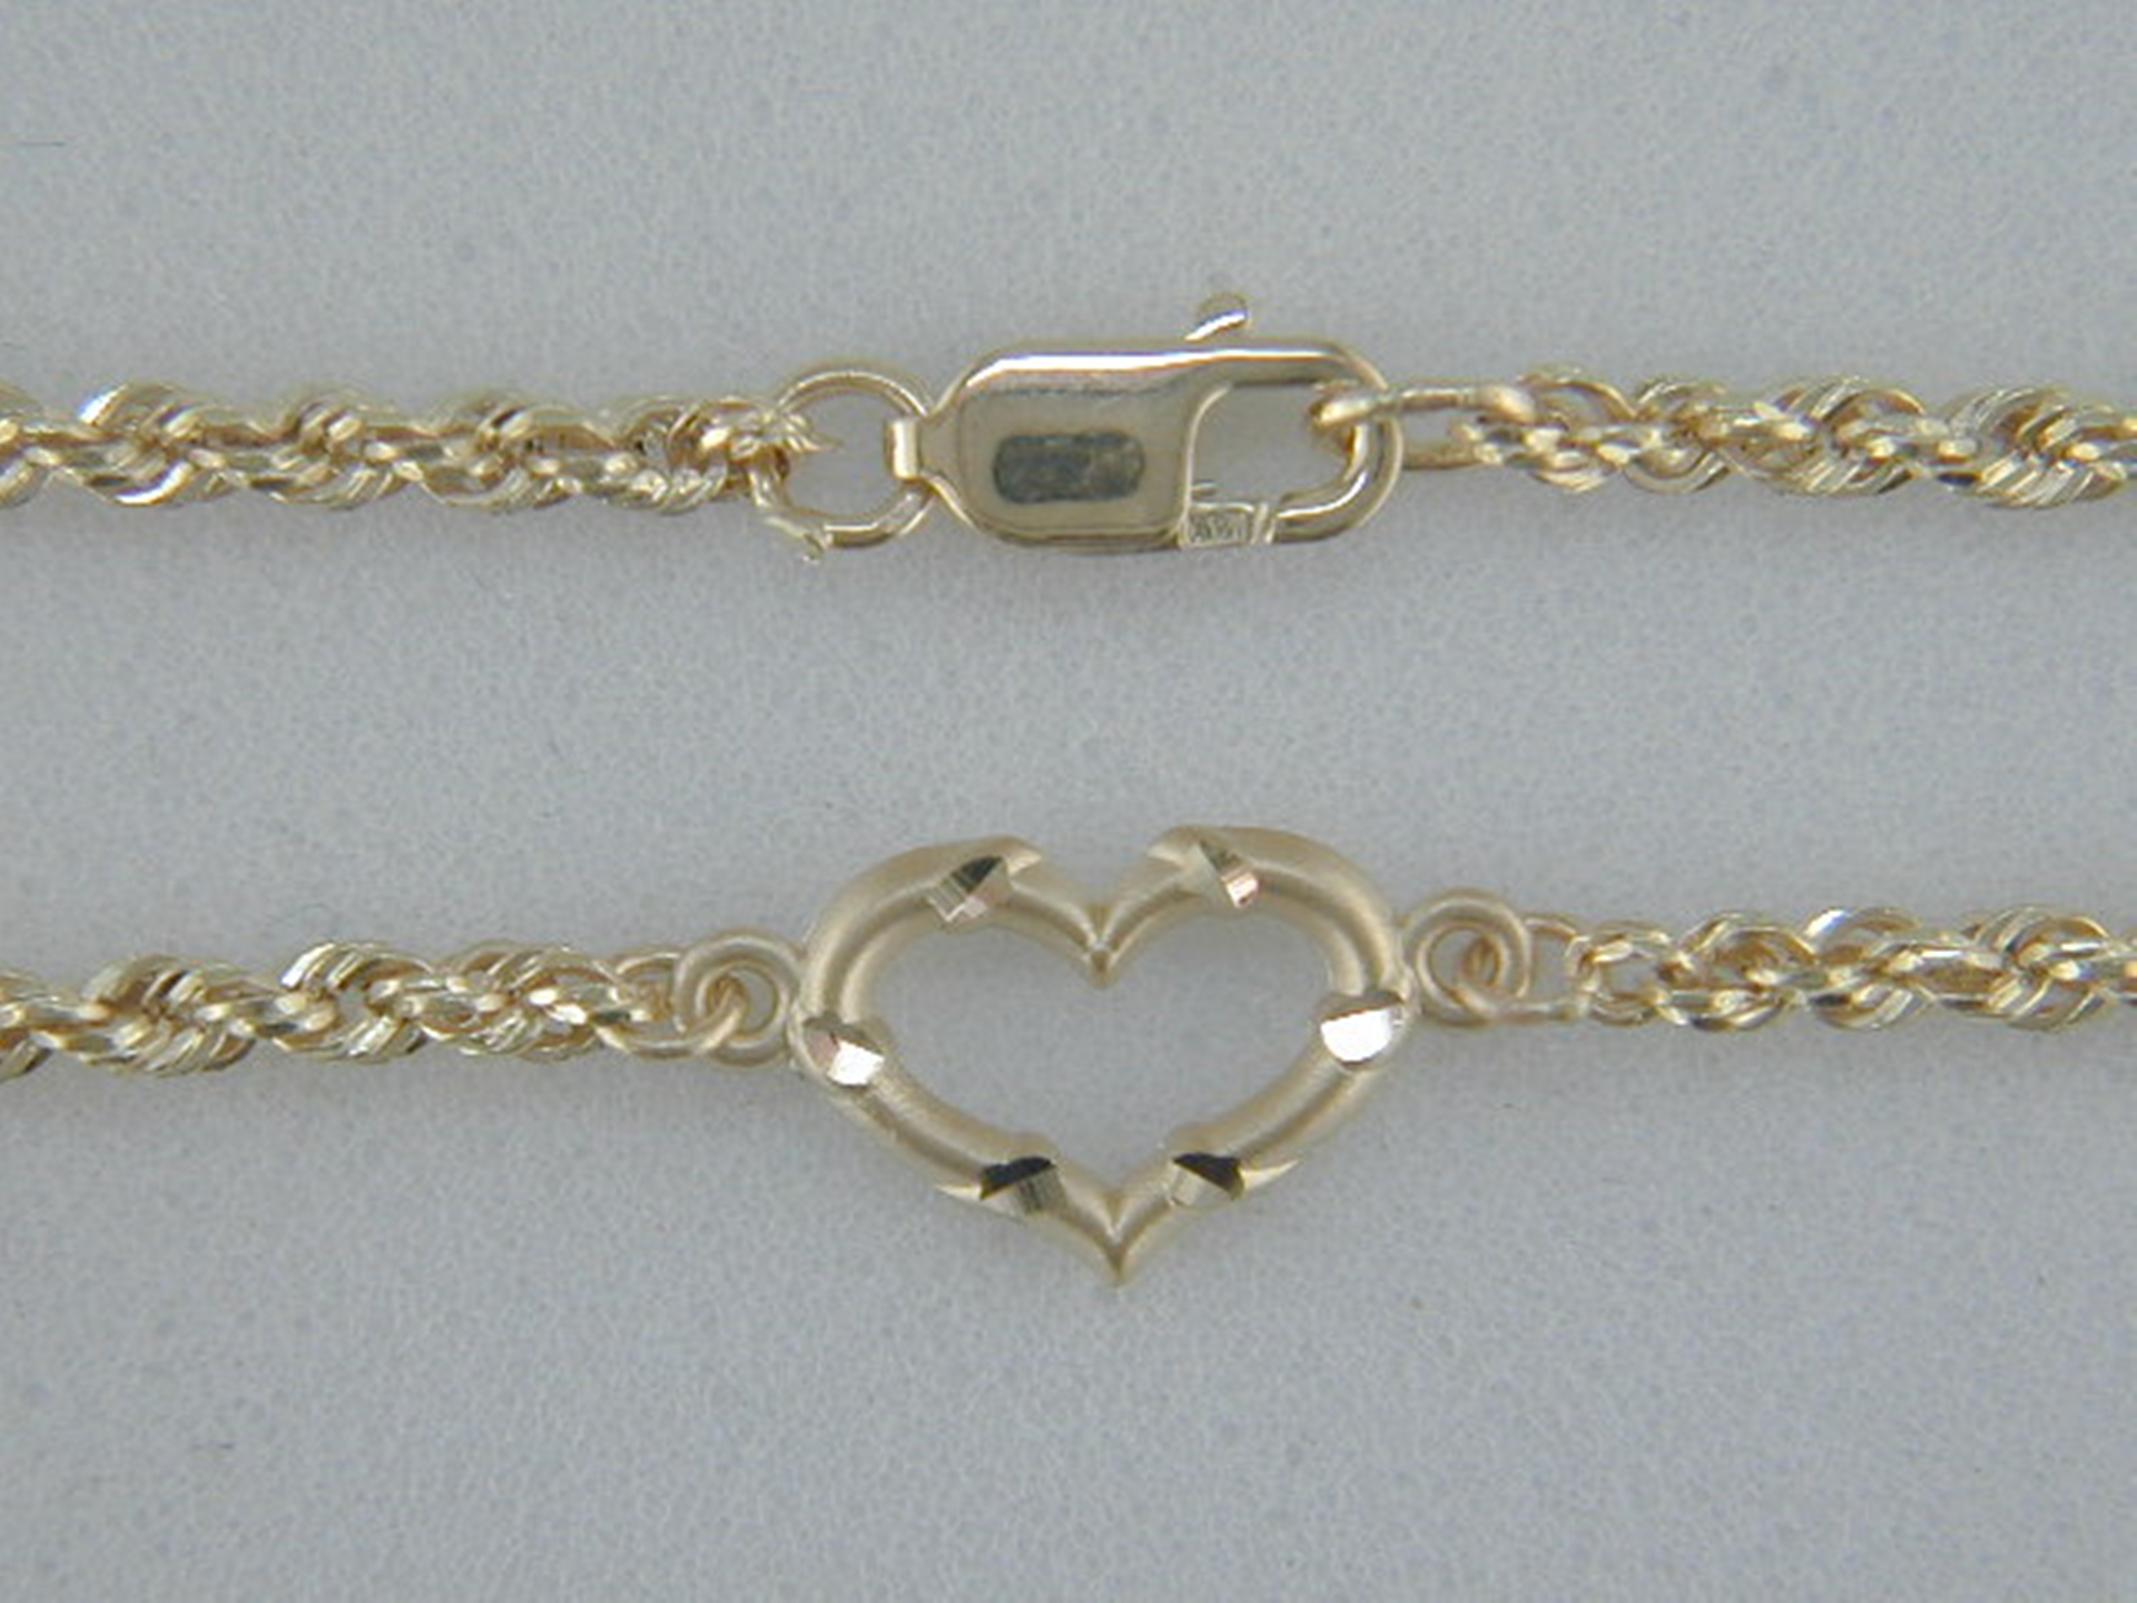 True Gold 14kt Open Heart with Rope Bracelet